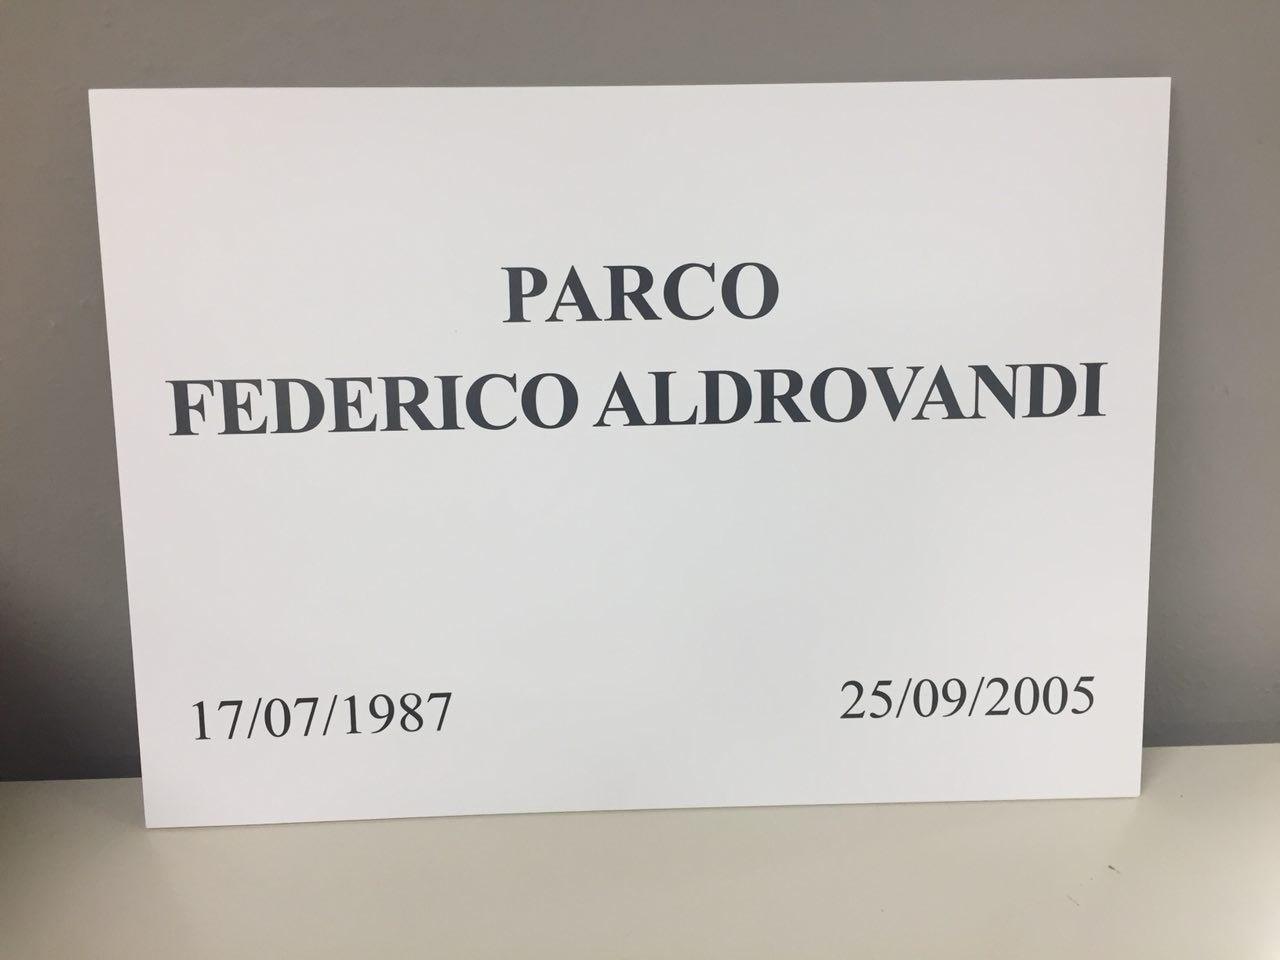 Domenica intitoleremo il parco ai prati di Caprara a Federico Aldrovandi